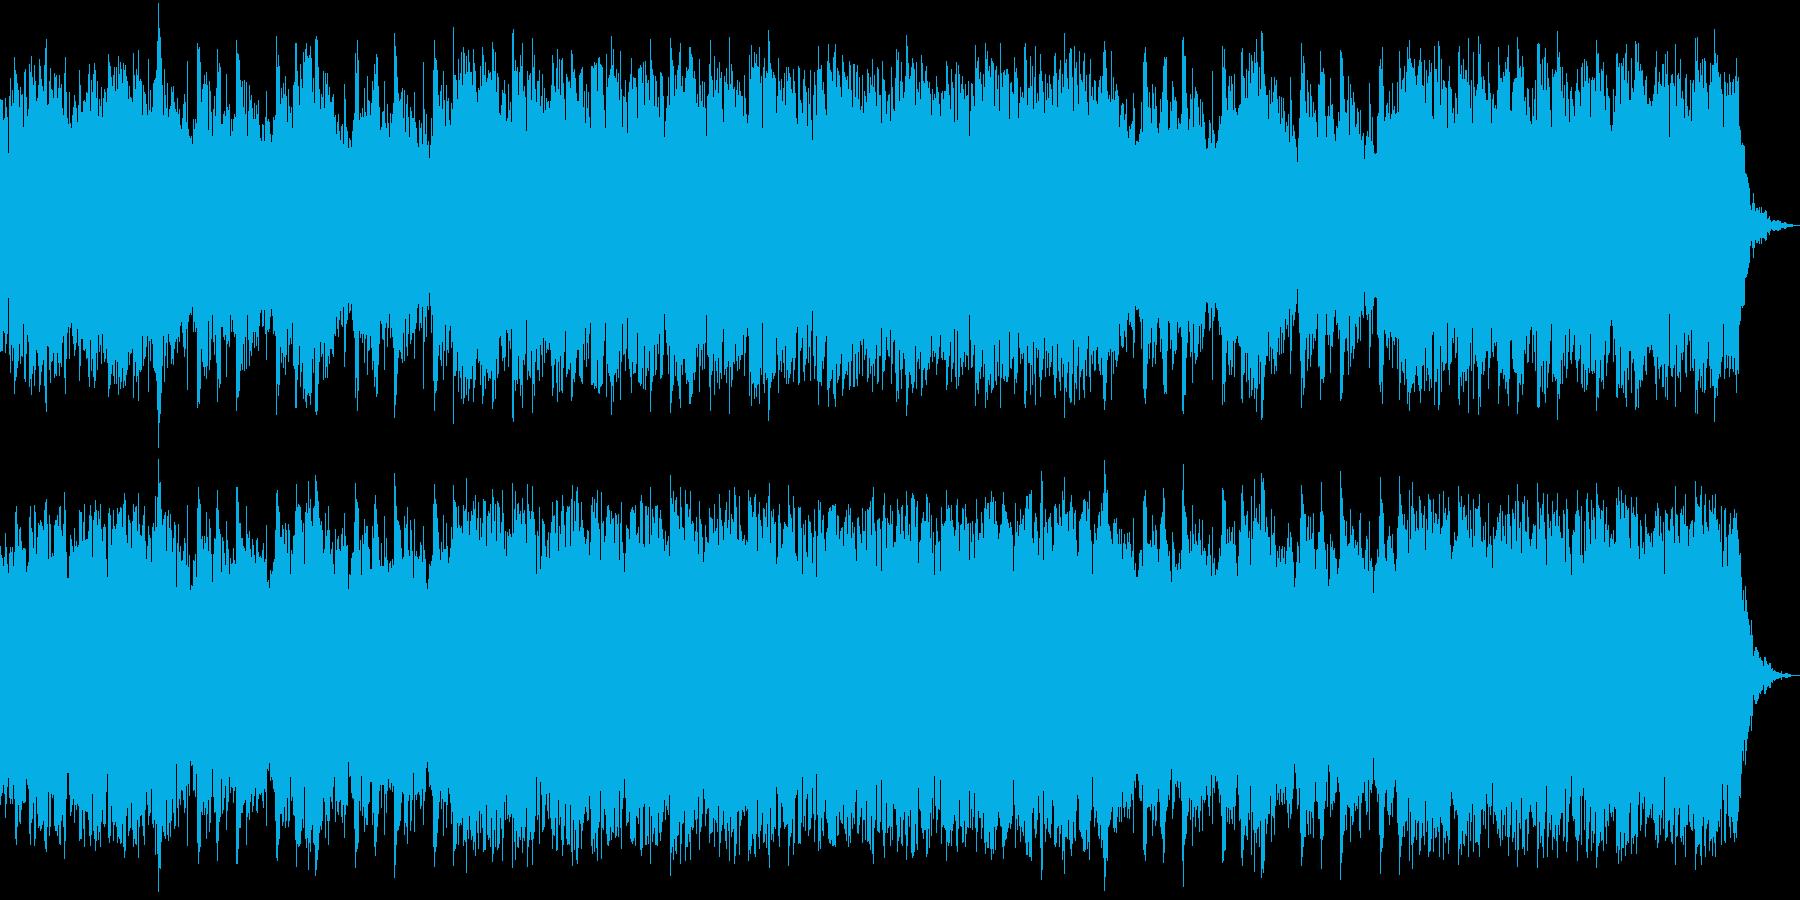 ゆったりとした雰囲気の和風テクノの再生済みの波形